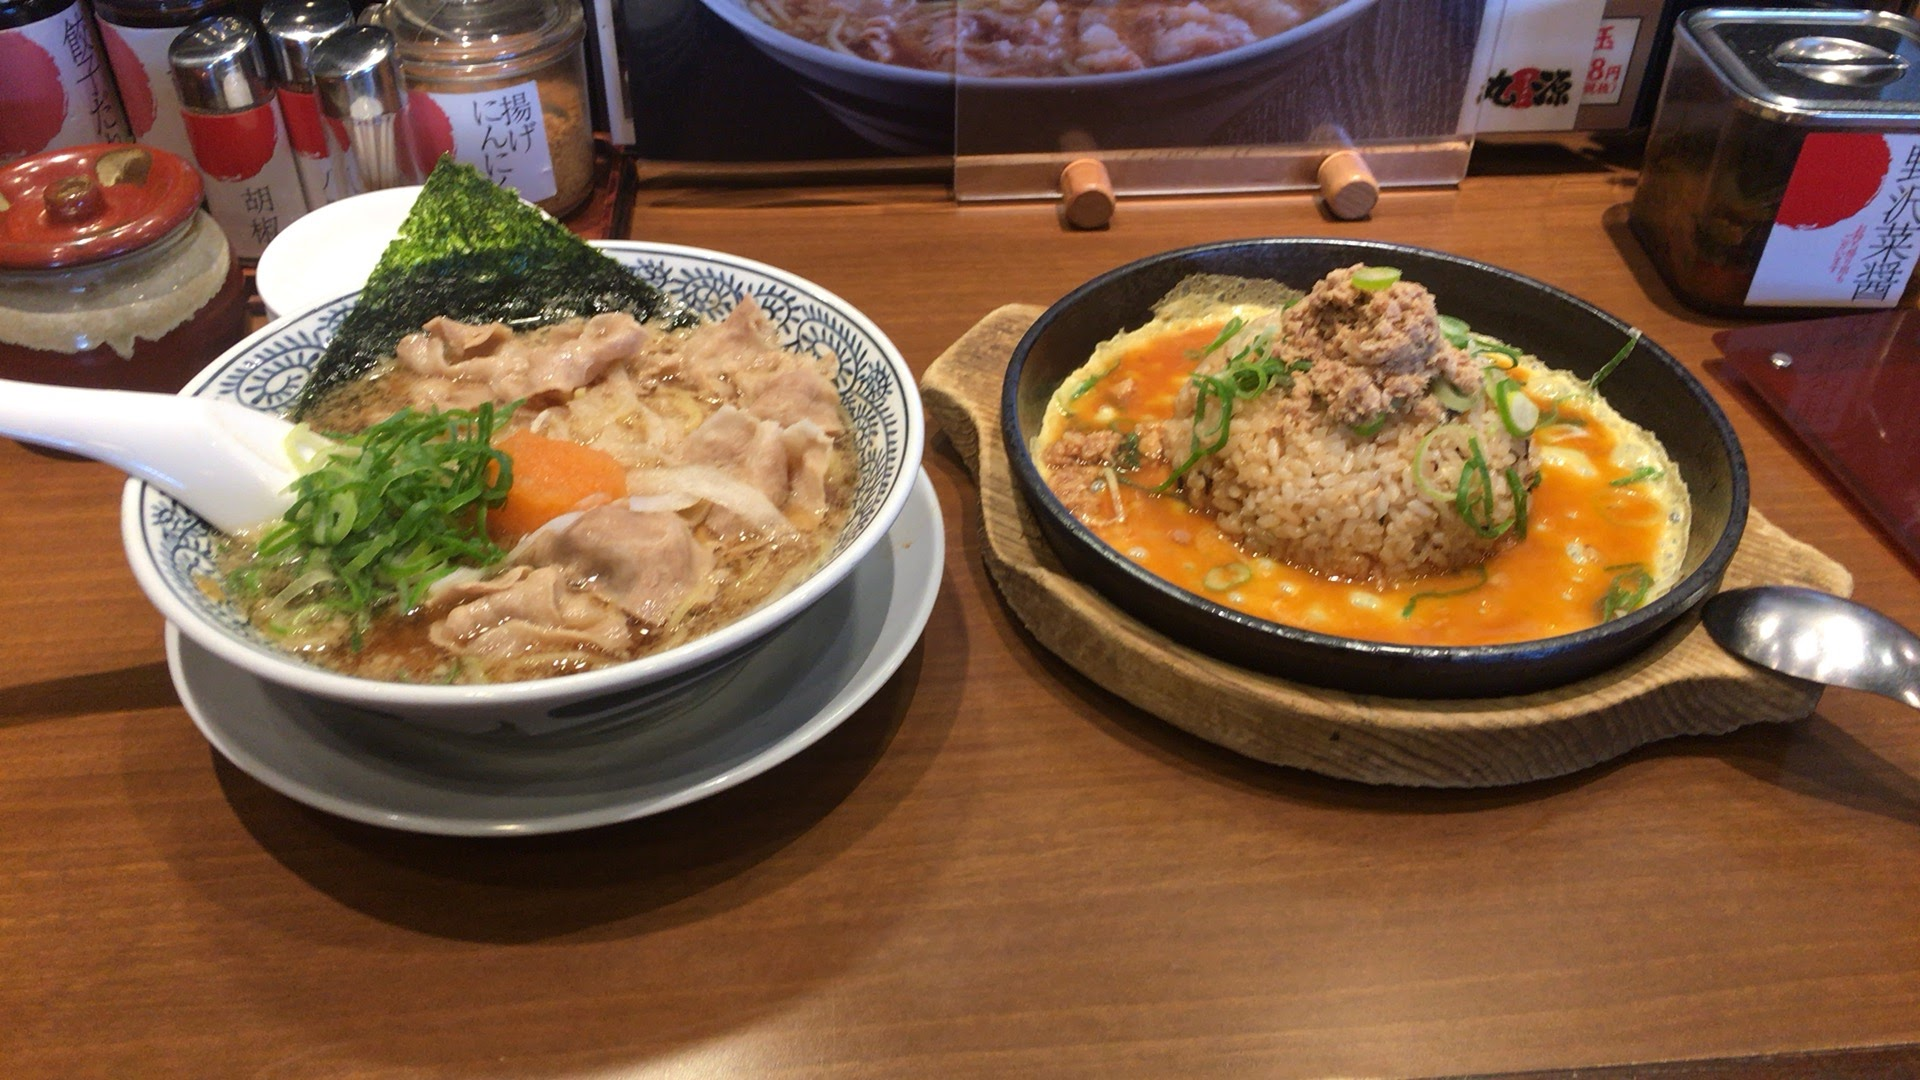 名古屋市や豊田市でおいしいラーメンが食べたいなら丸源がオススメ